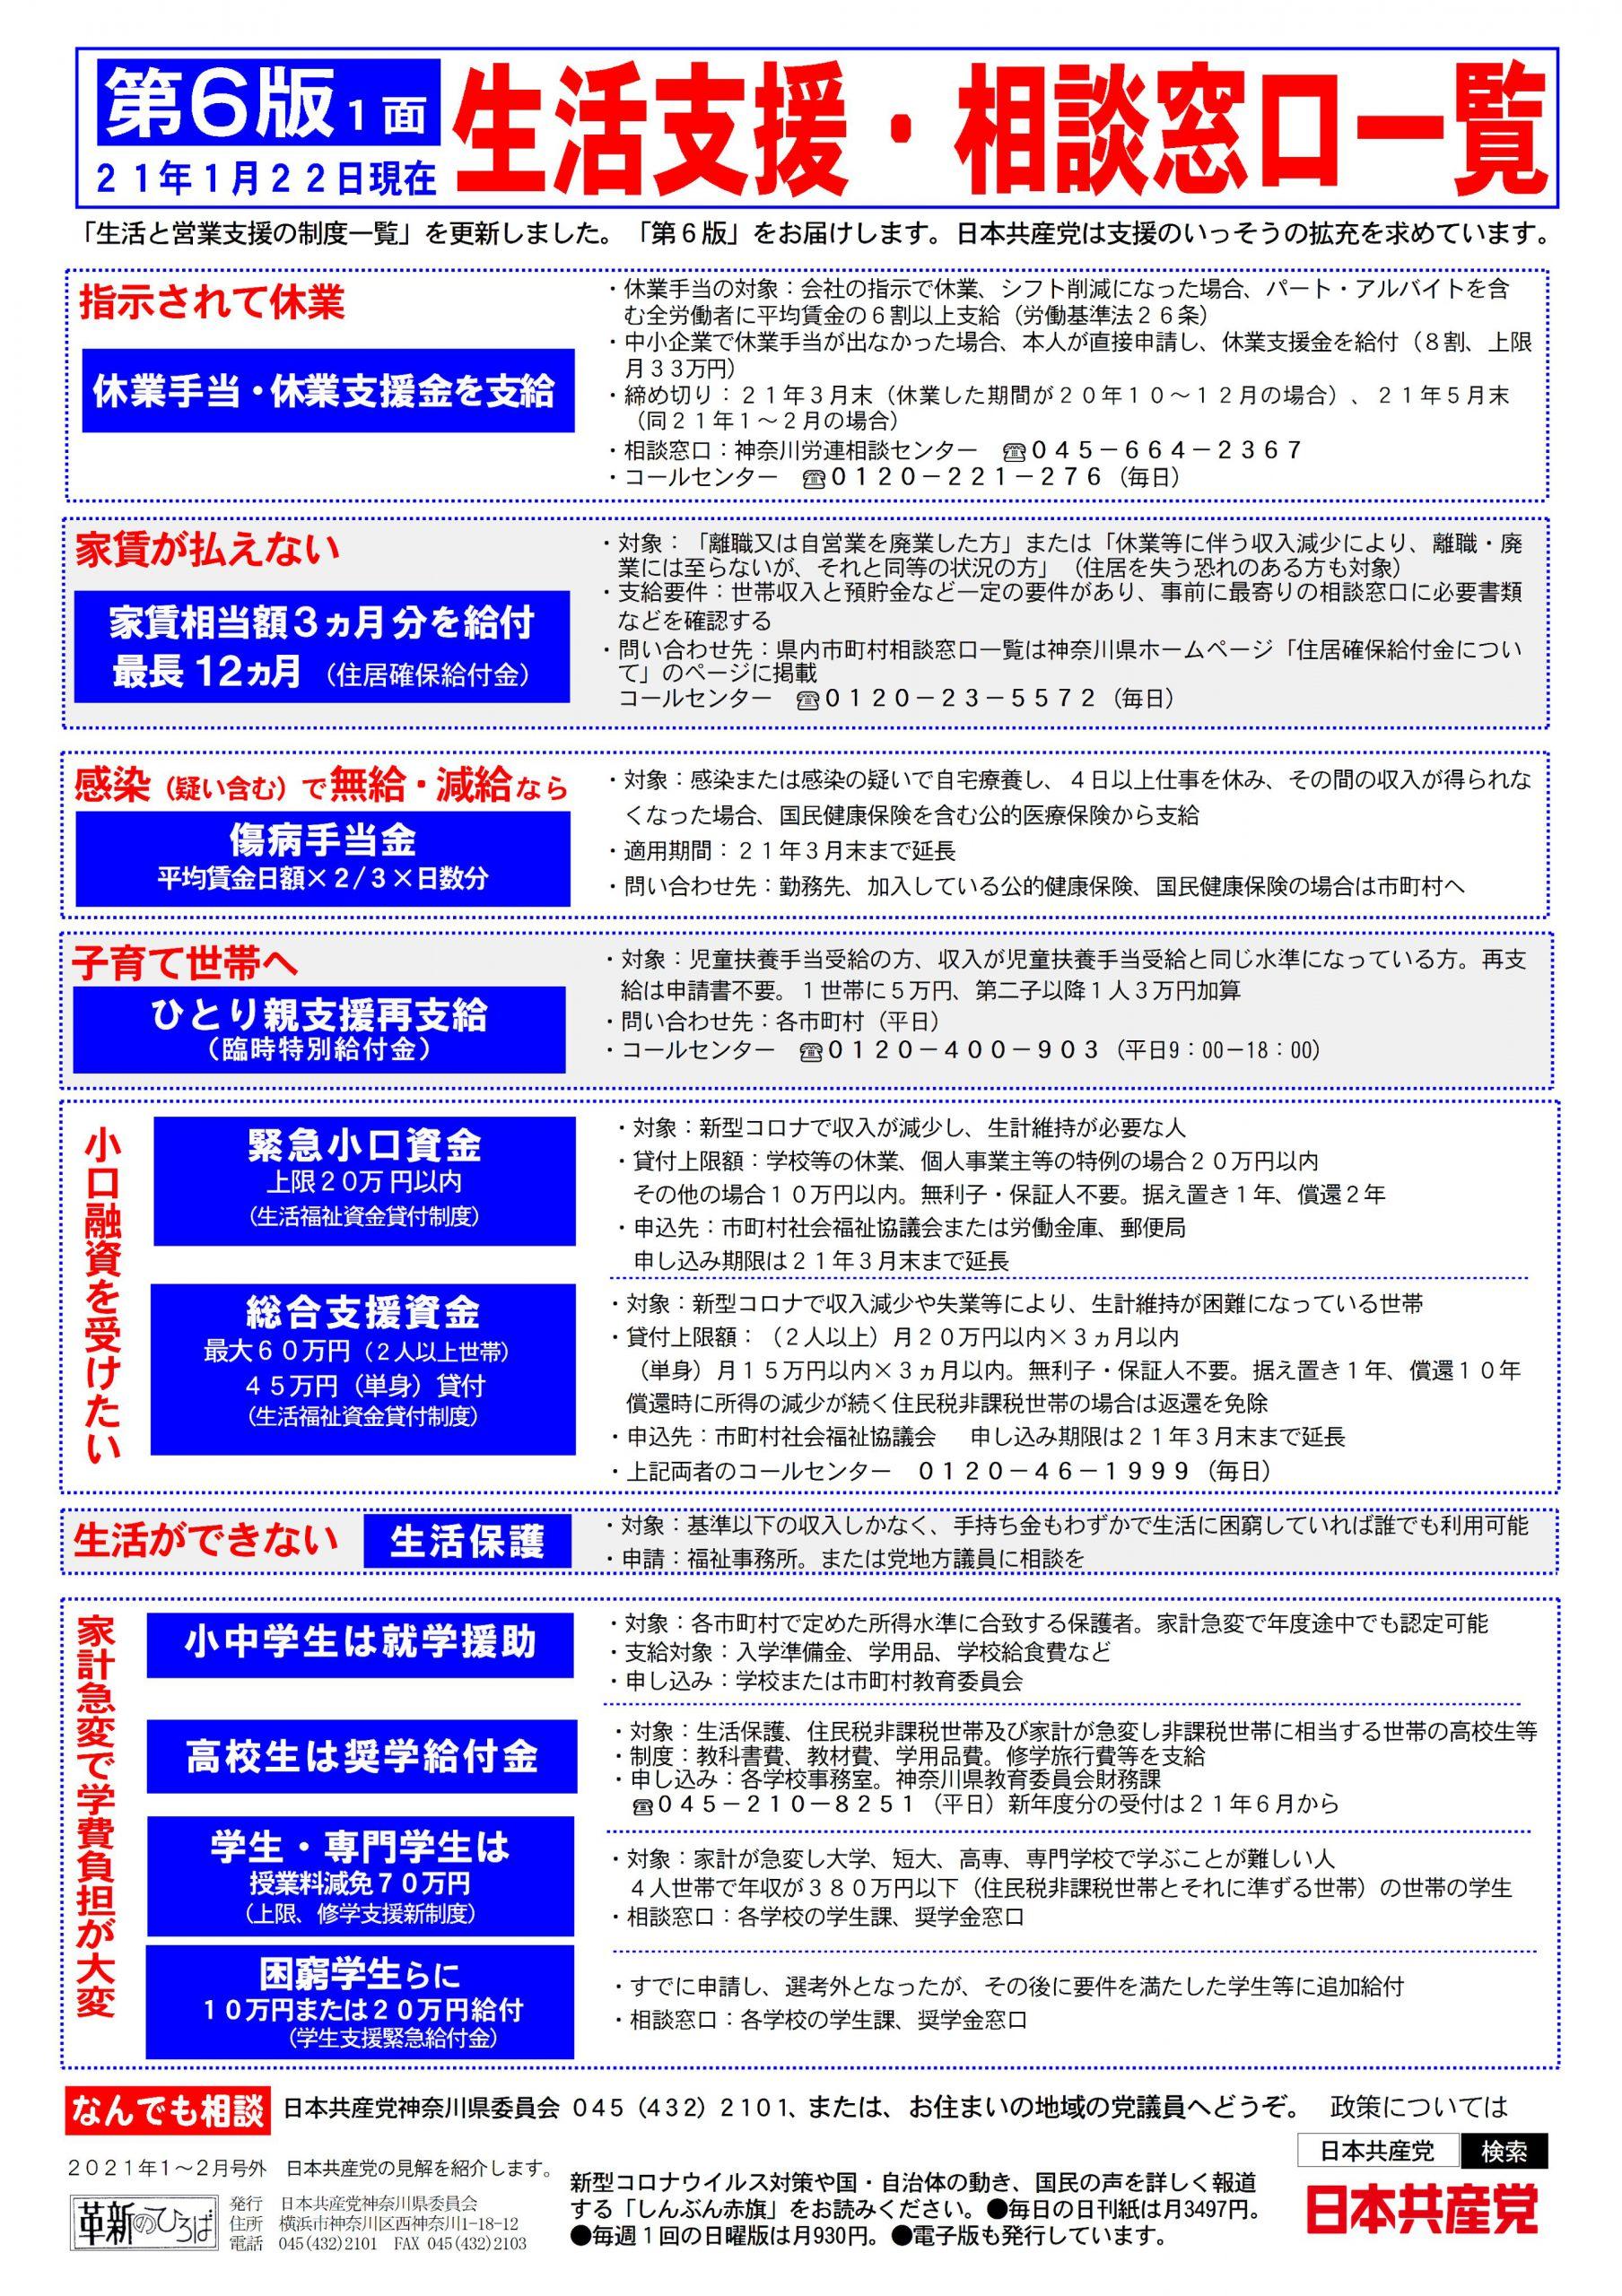 生活支援・相談窓口一覧(表).jpg